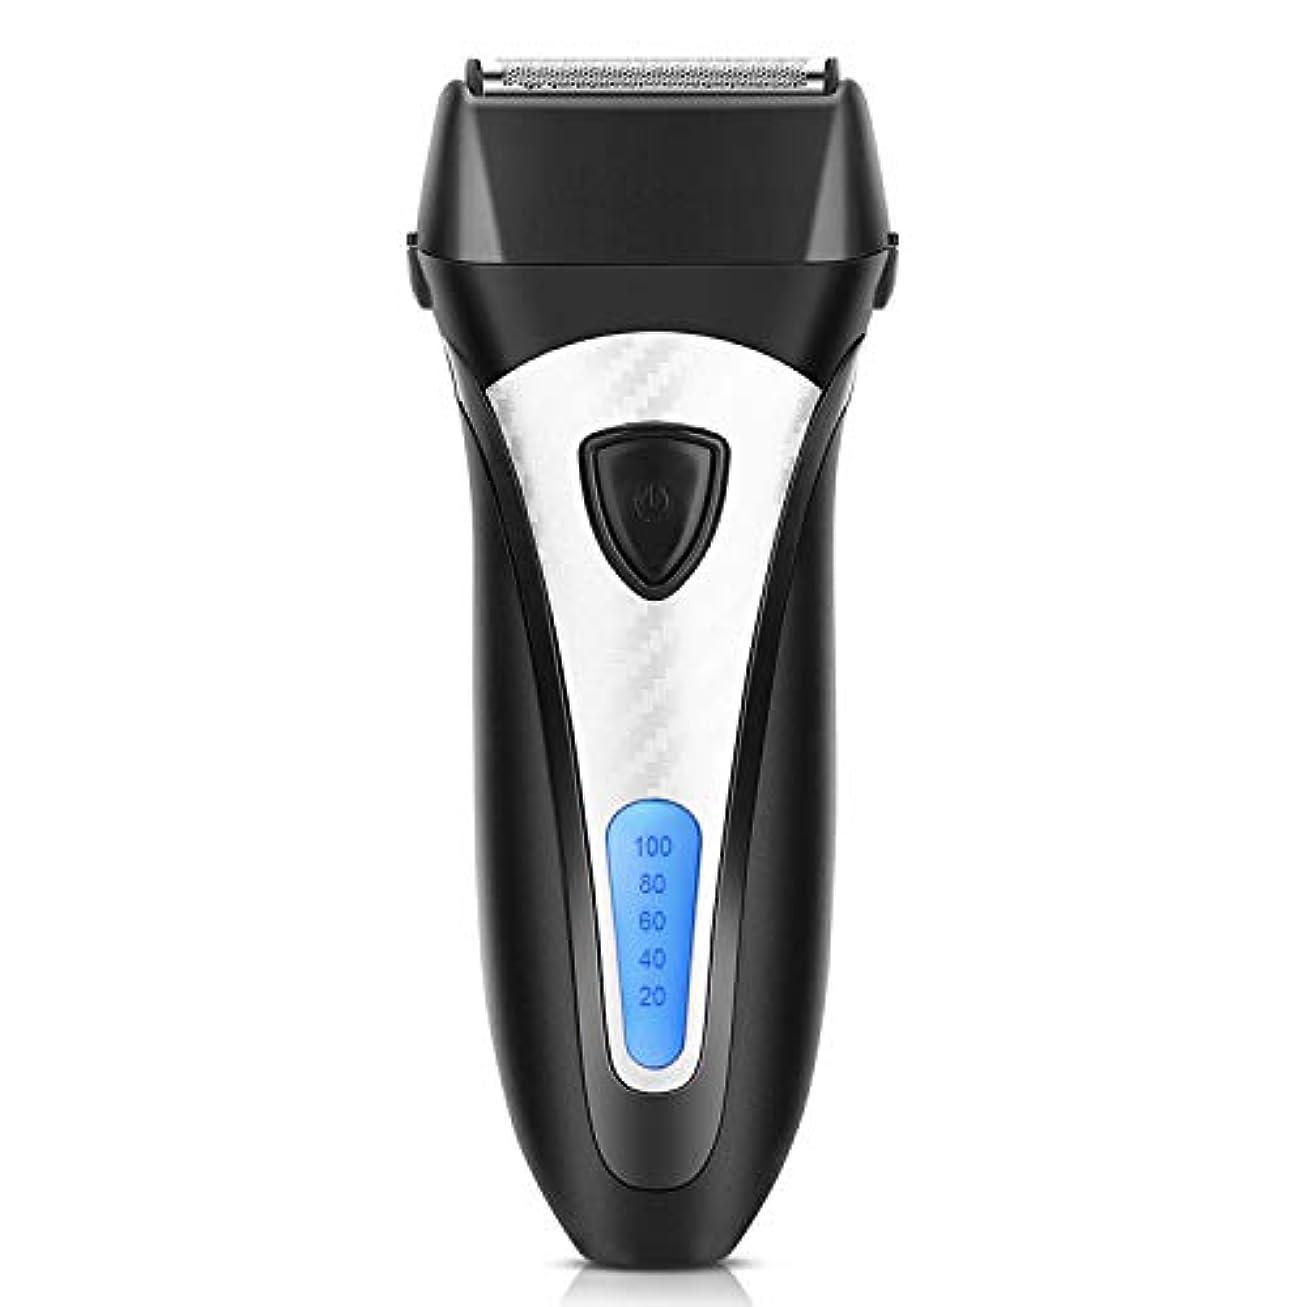 アルカトラズ島凍った色ELEHOT 電気シェーバー メンズシェーバー 髭剃り 往復式 3枚刃 トリマー付き 充電式 LCDディスプレイ 男性用 水洗いできる刃ベット